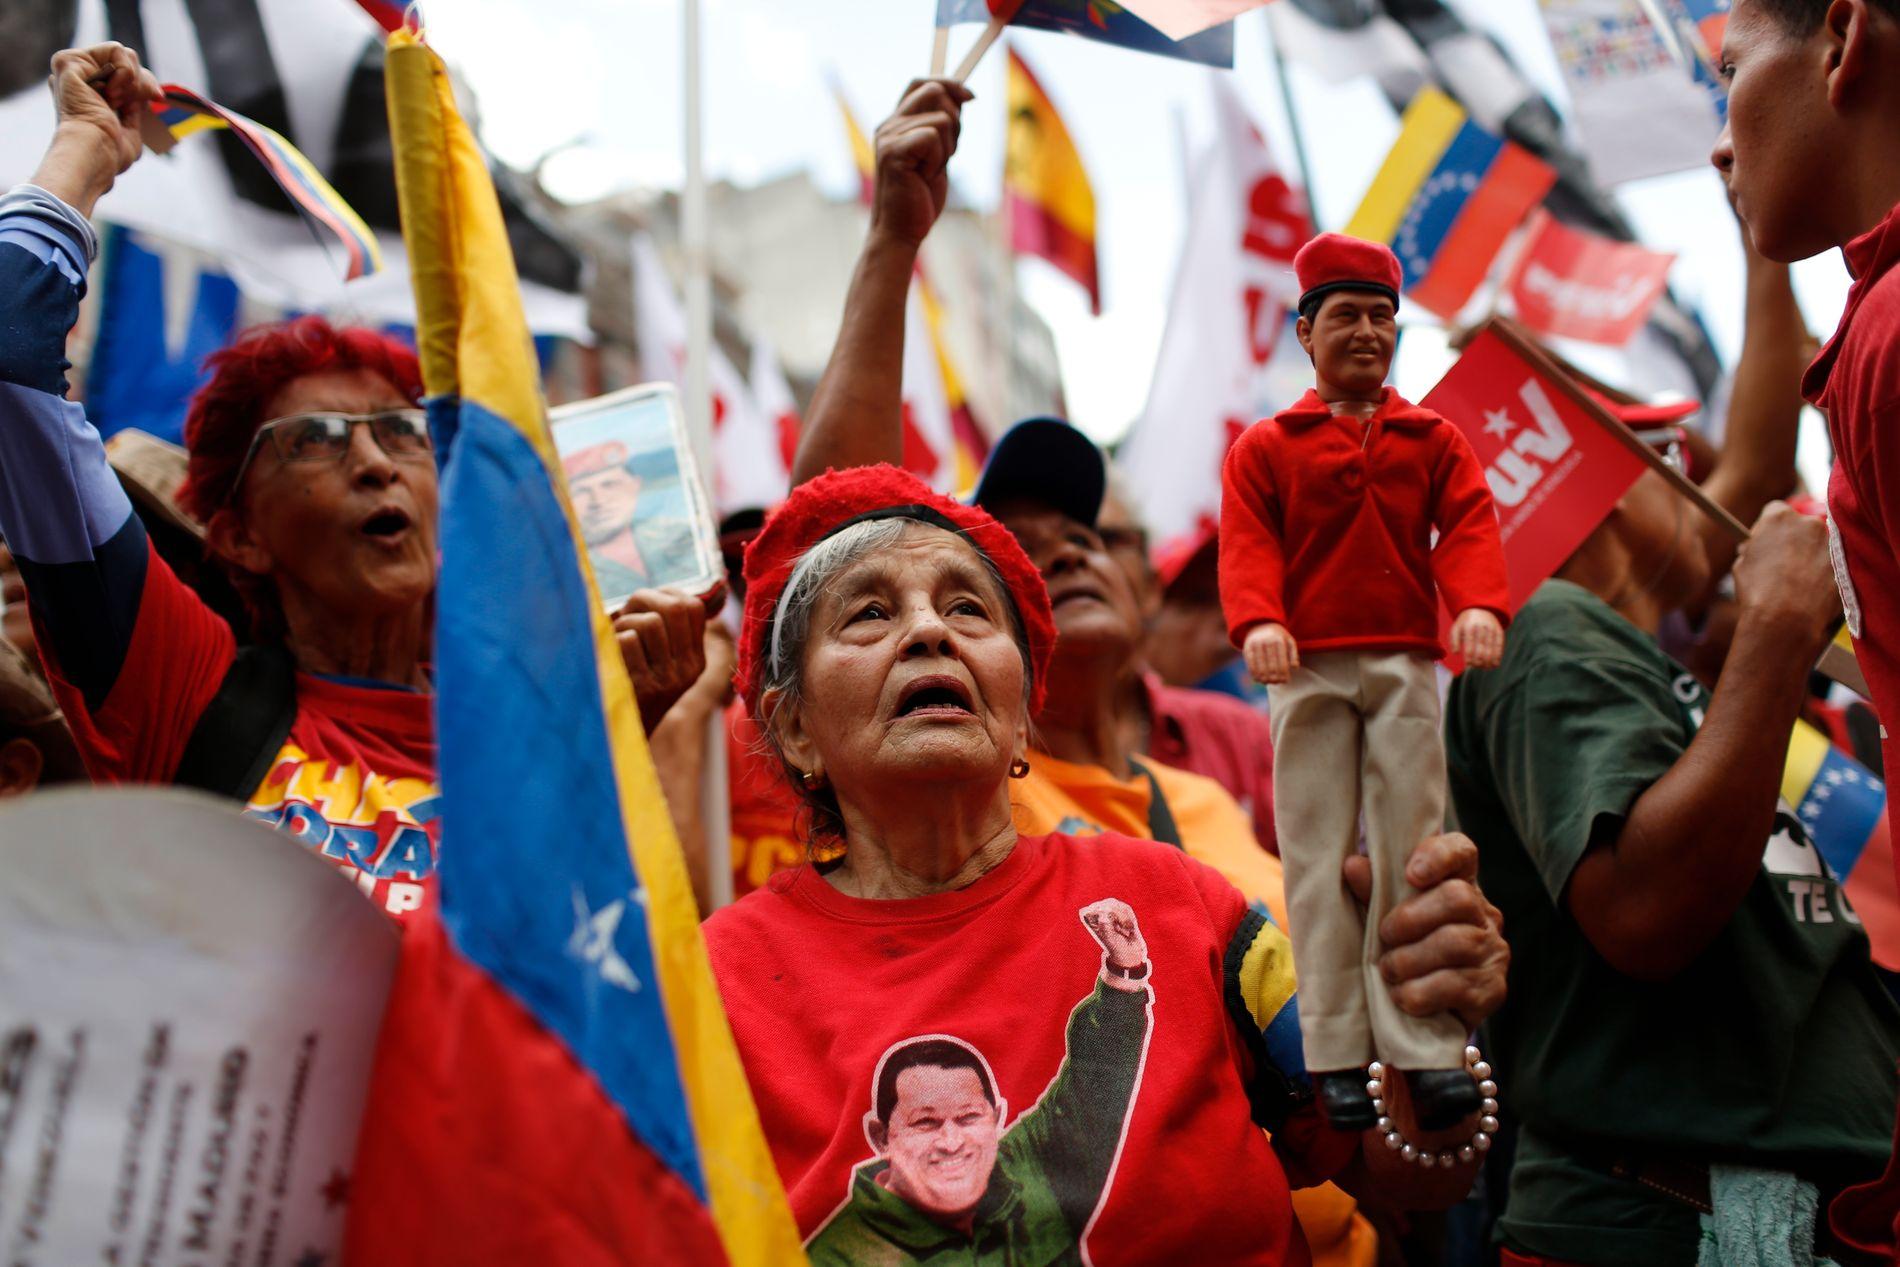 Venezuela er preget av dyp splittelse mellom tilhengere (bildet) og motstandere av president Nicolás Maduros og hans regime. Norske diplomater har tilrettelagt samtaler mellom partene.